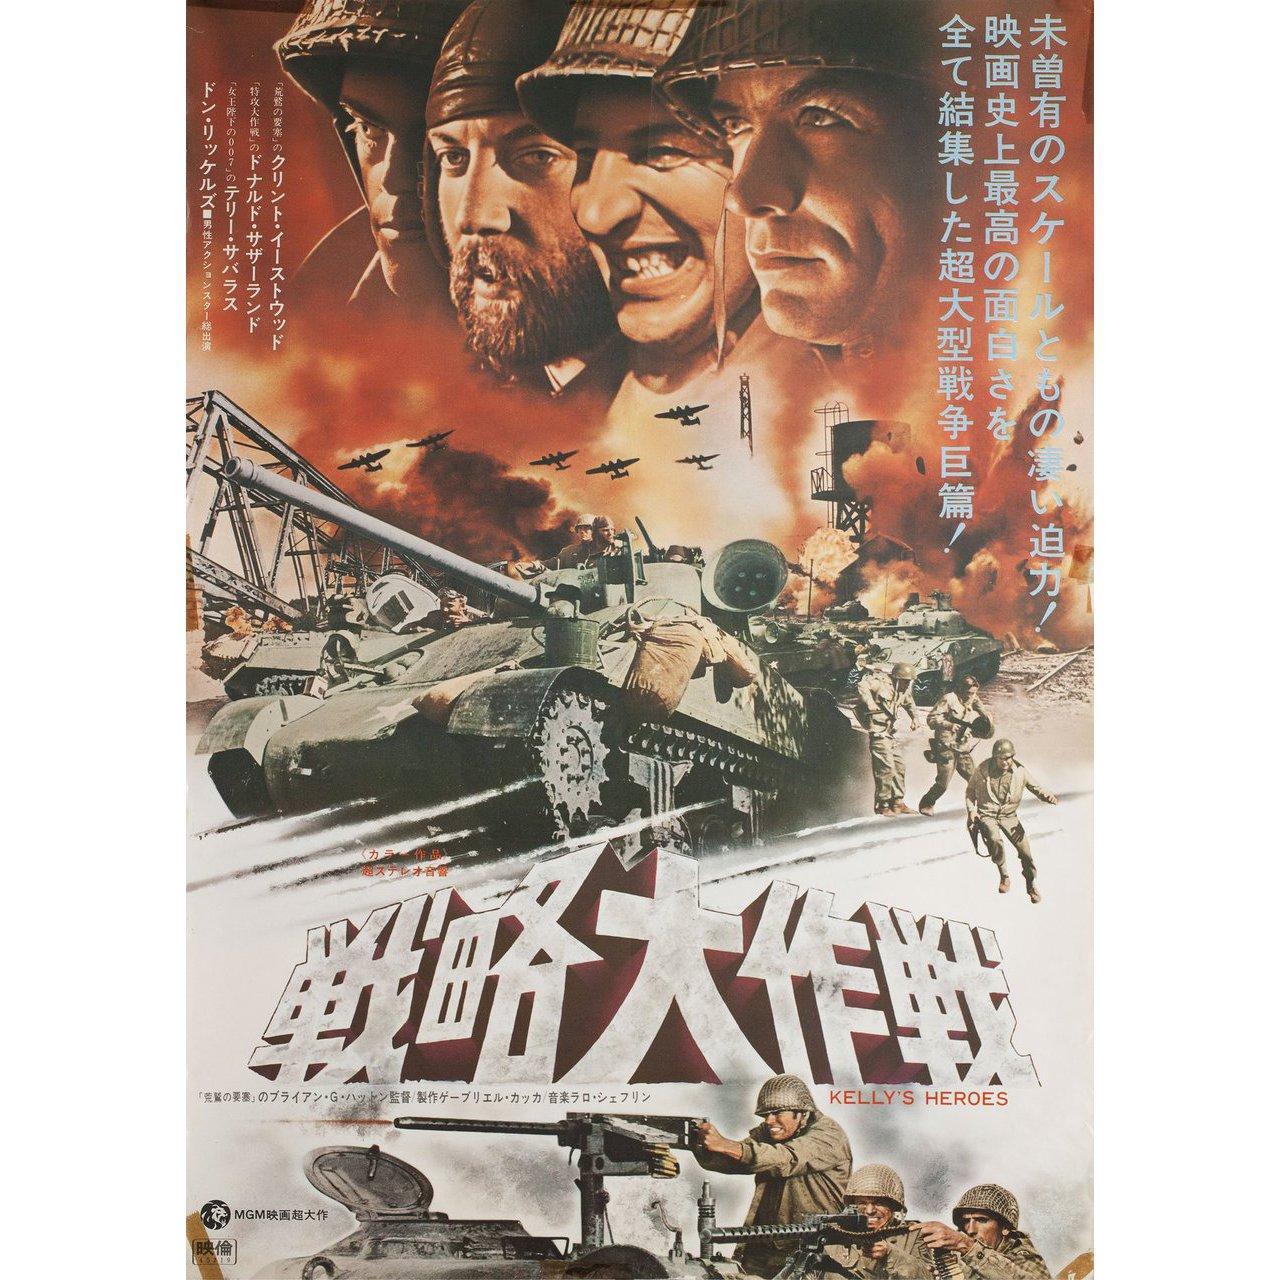 Kelly's Heroes 1970 Japanese B2 Film Poster